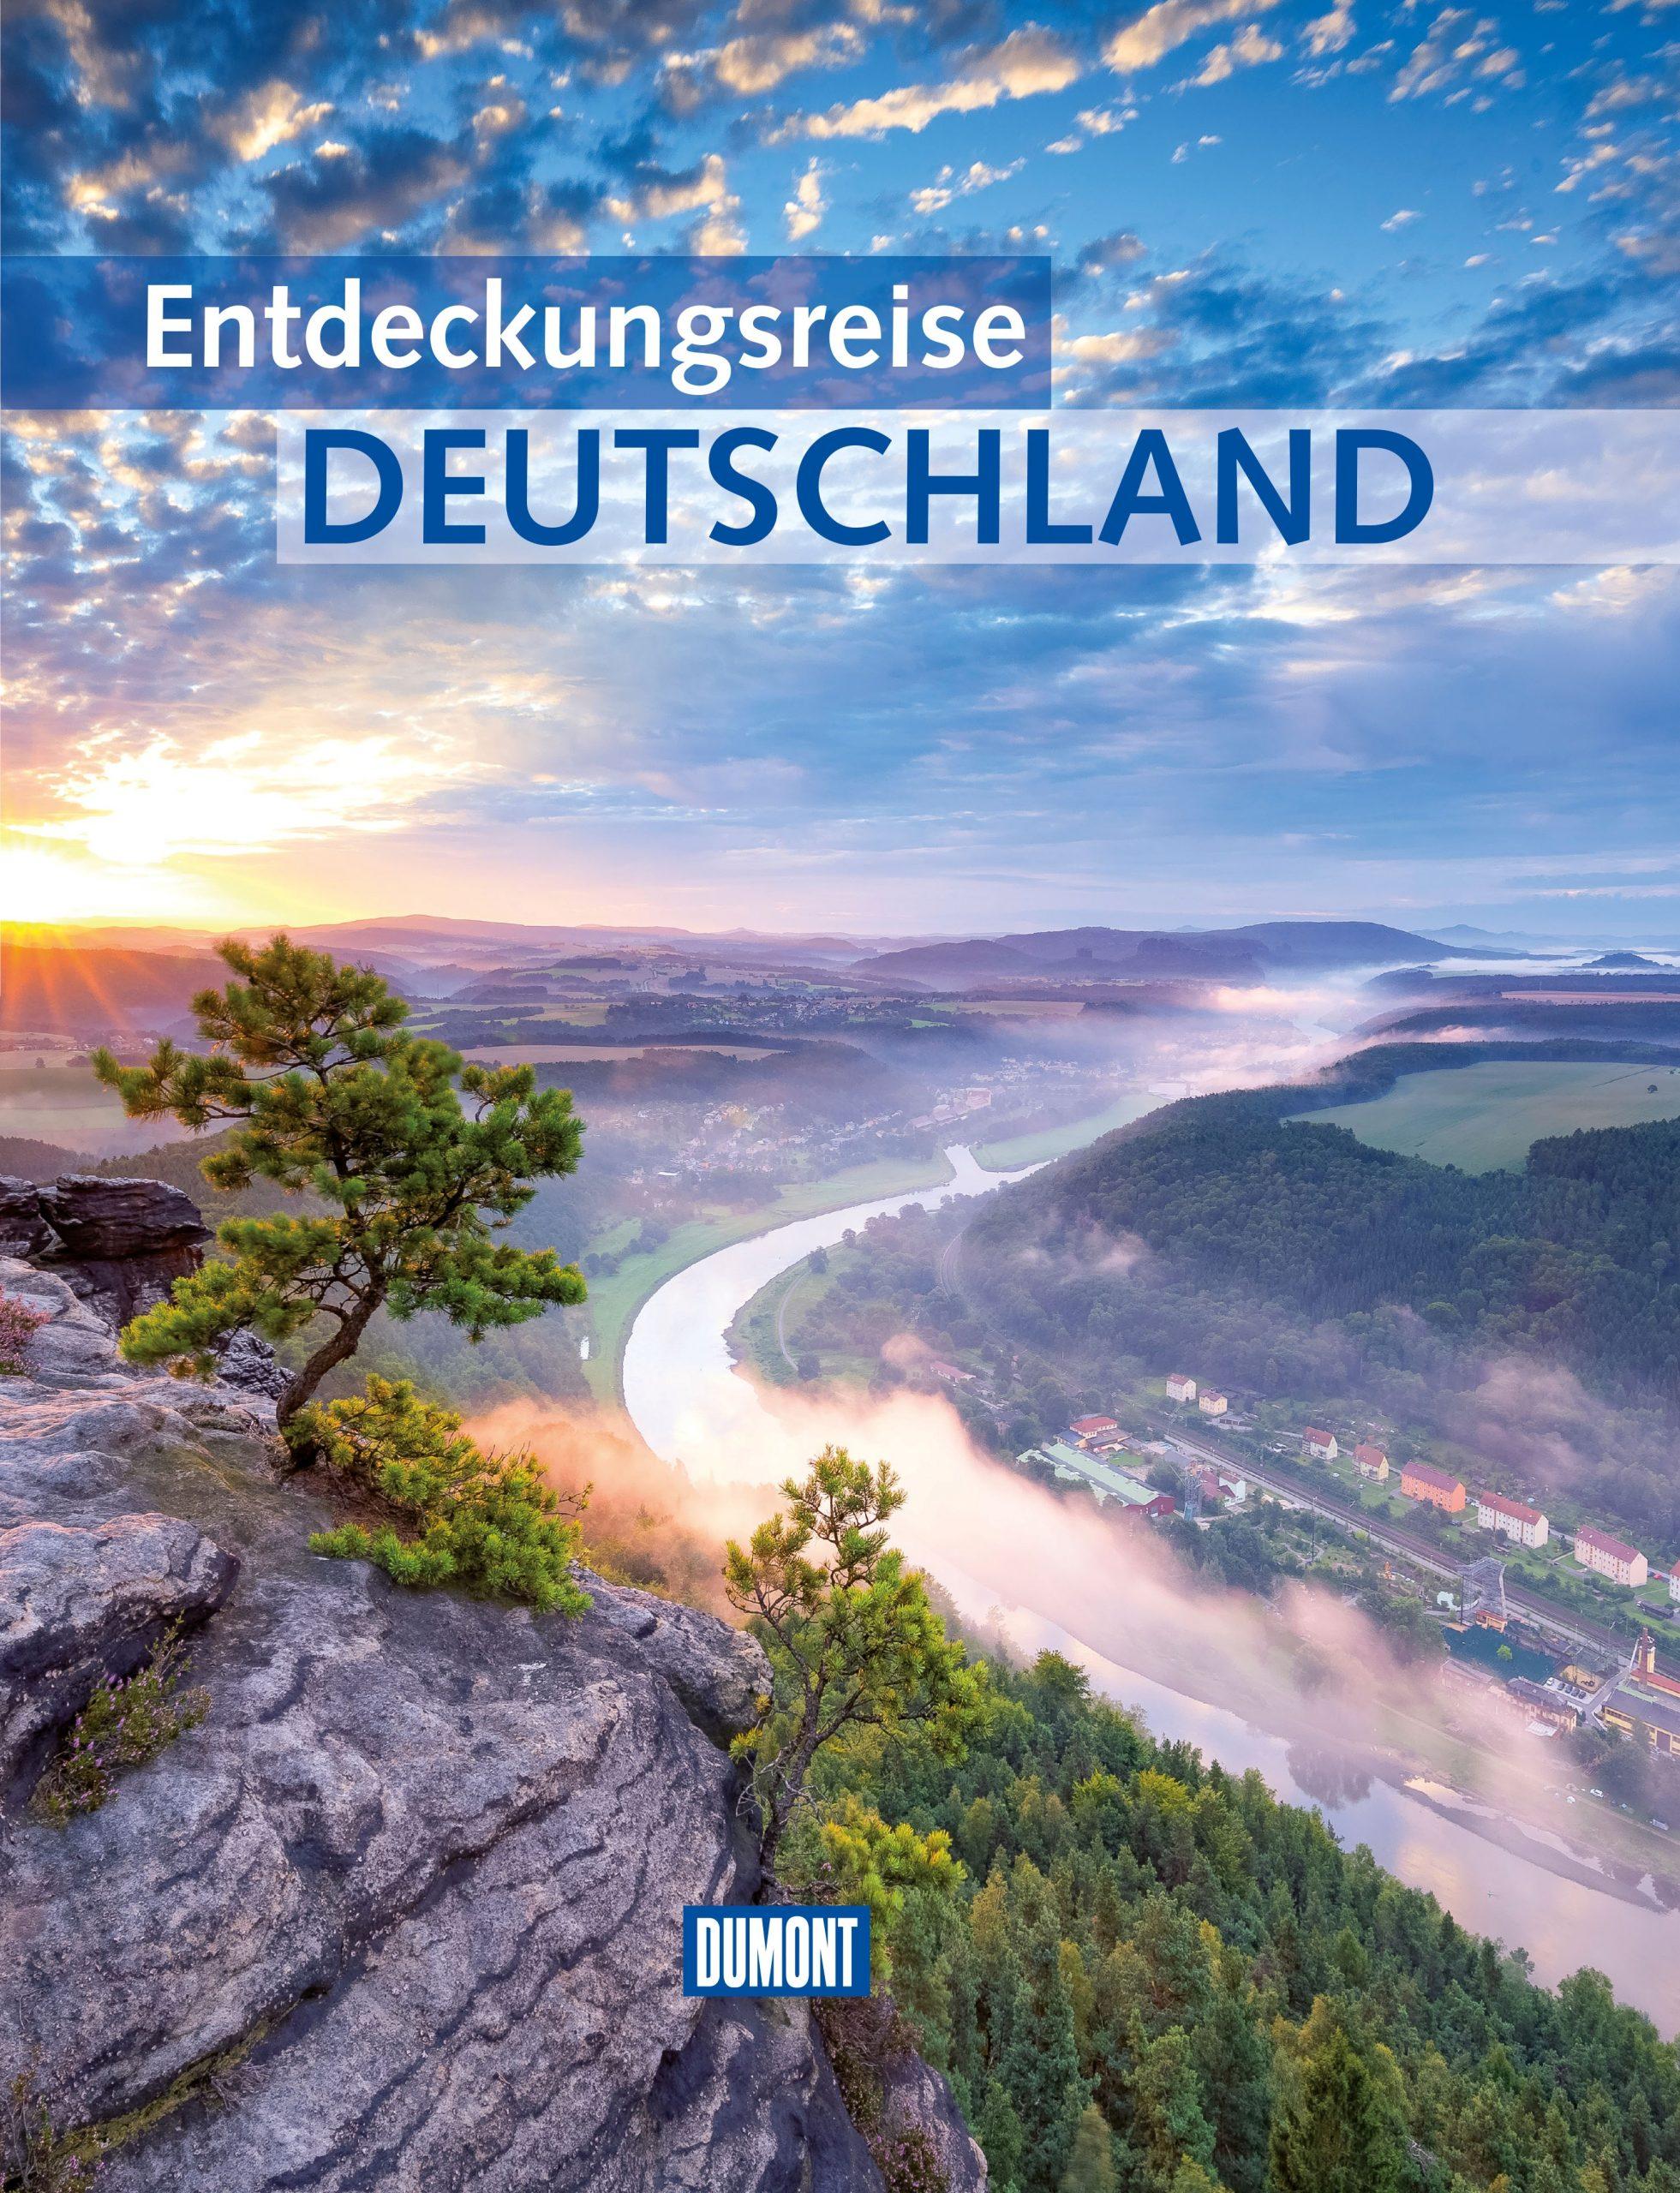 DuMont Bildband - Entdeckungsreise Deutschland (Cover)